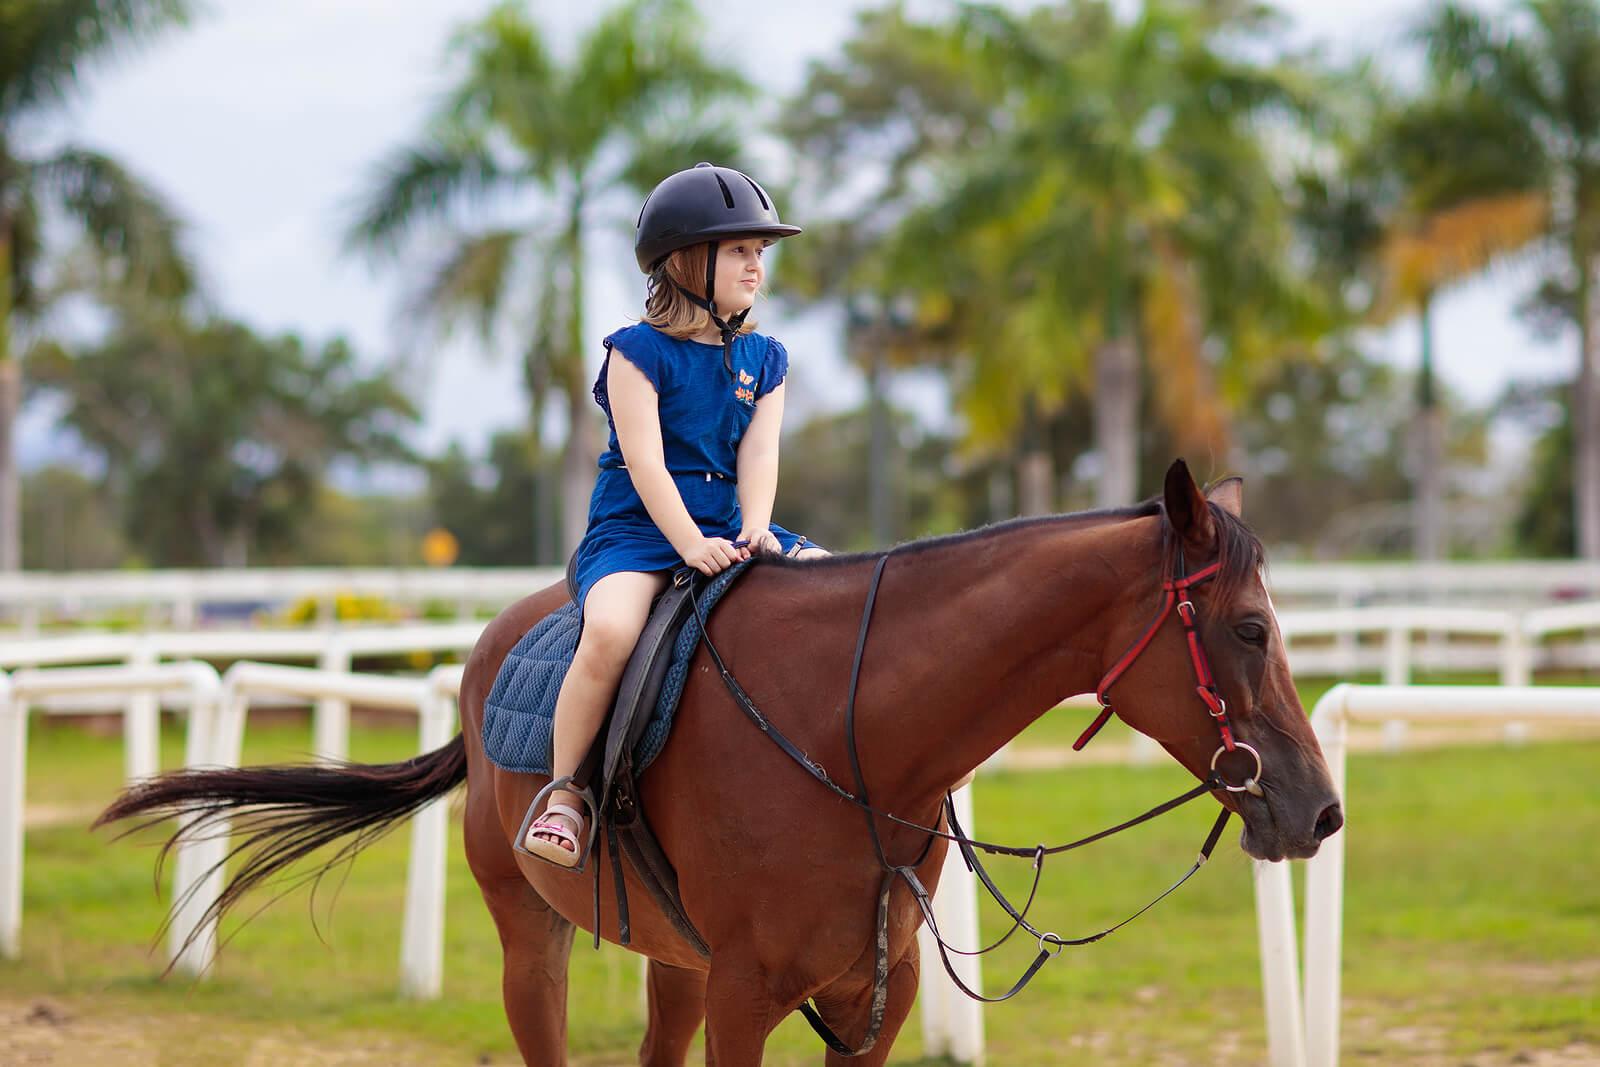 Niña montando a caballo porque la equitación es uno de los mejores deportes para niños con autismo.